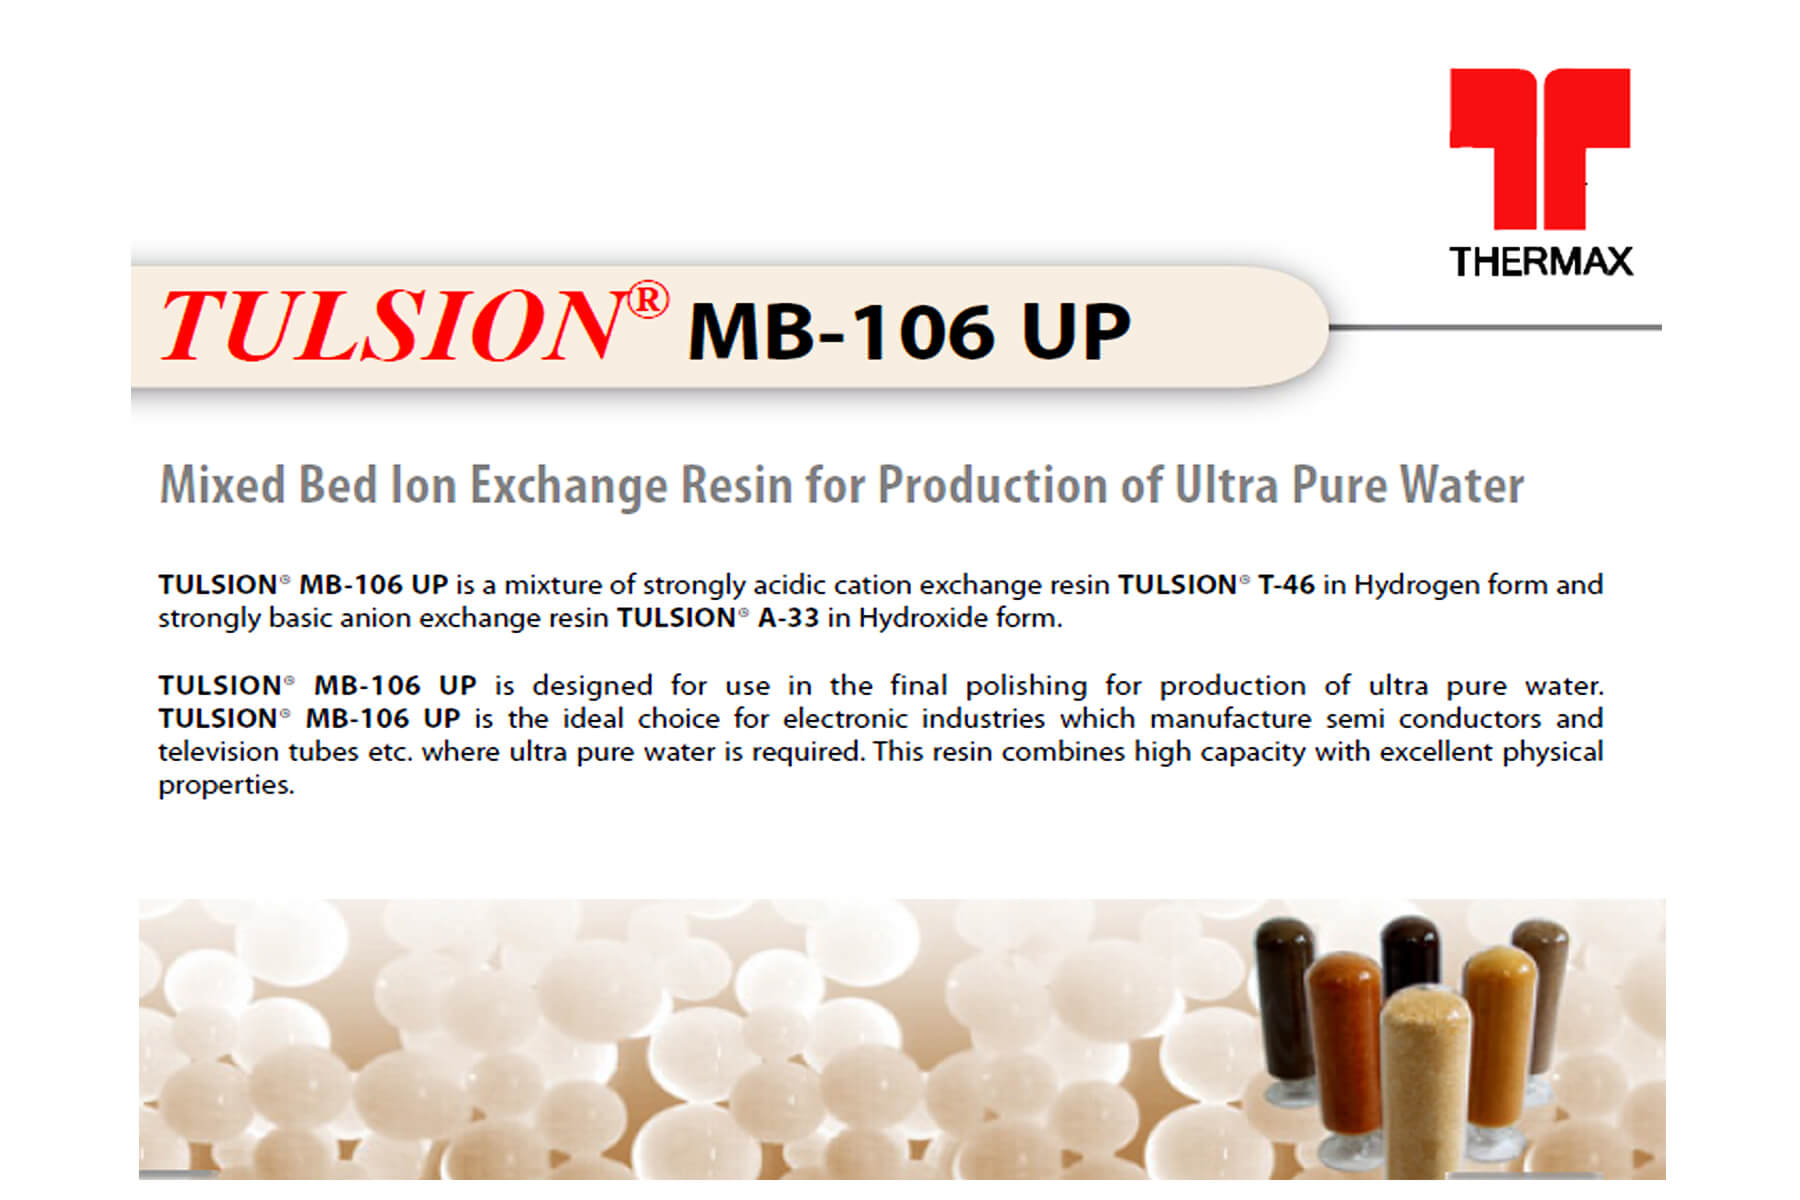 Tulsion MB-106 UP